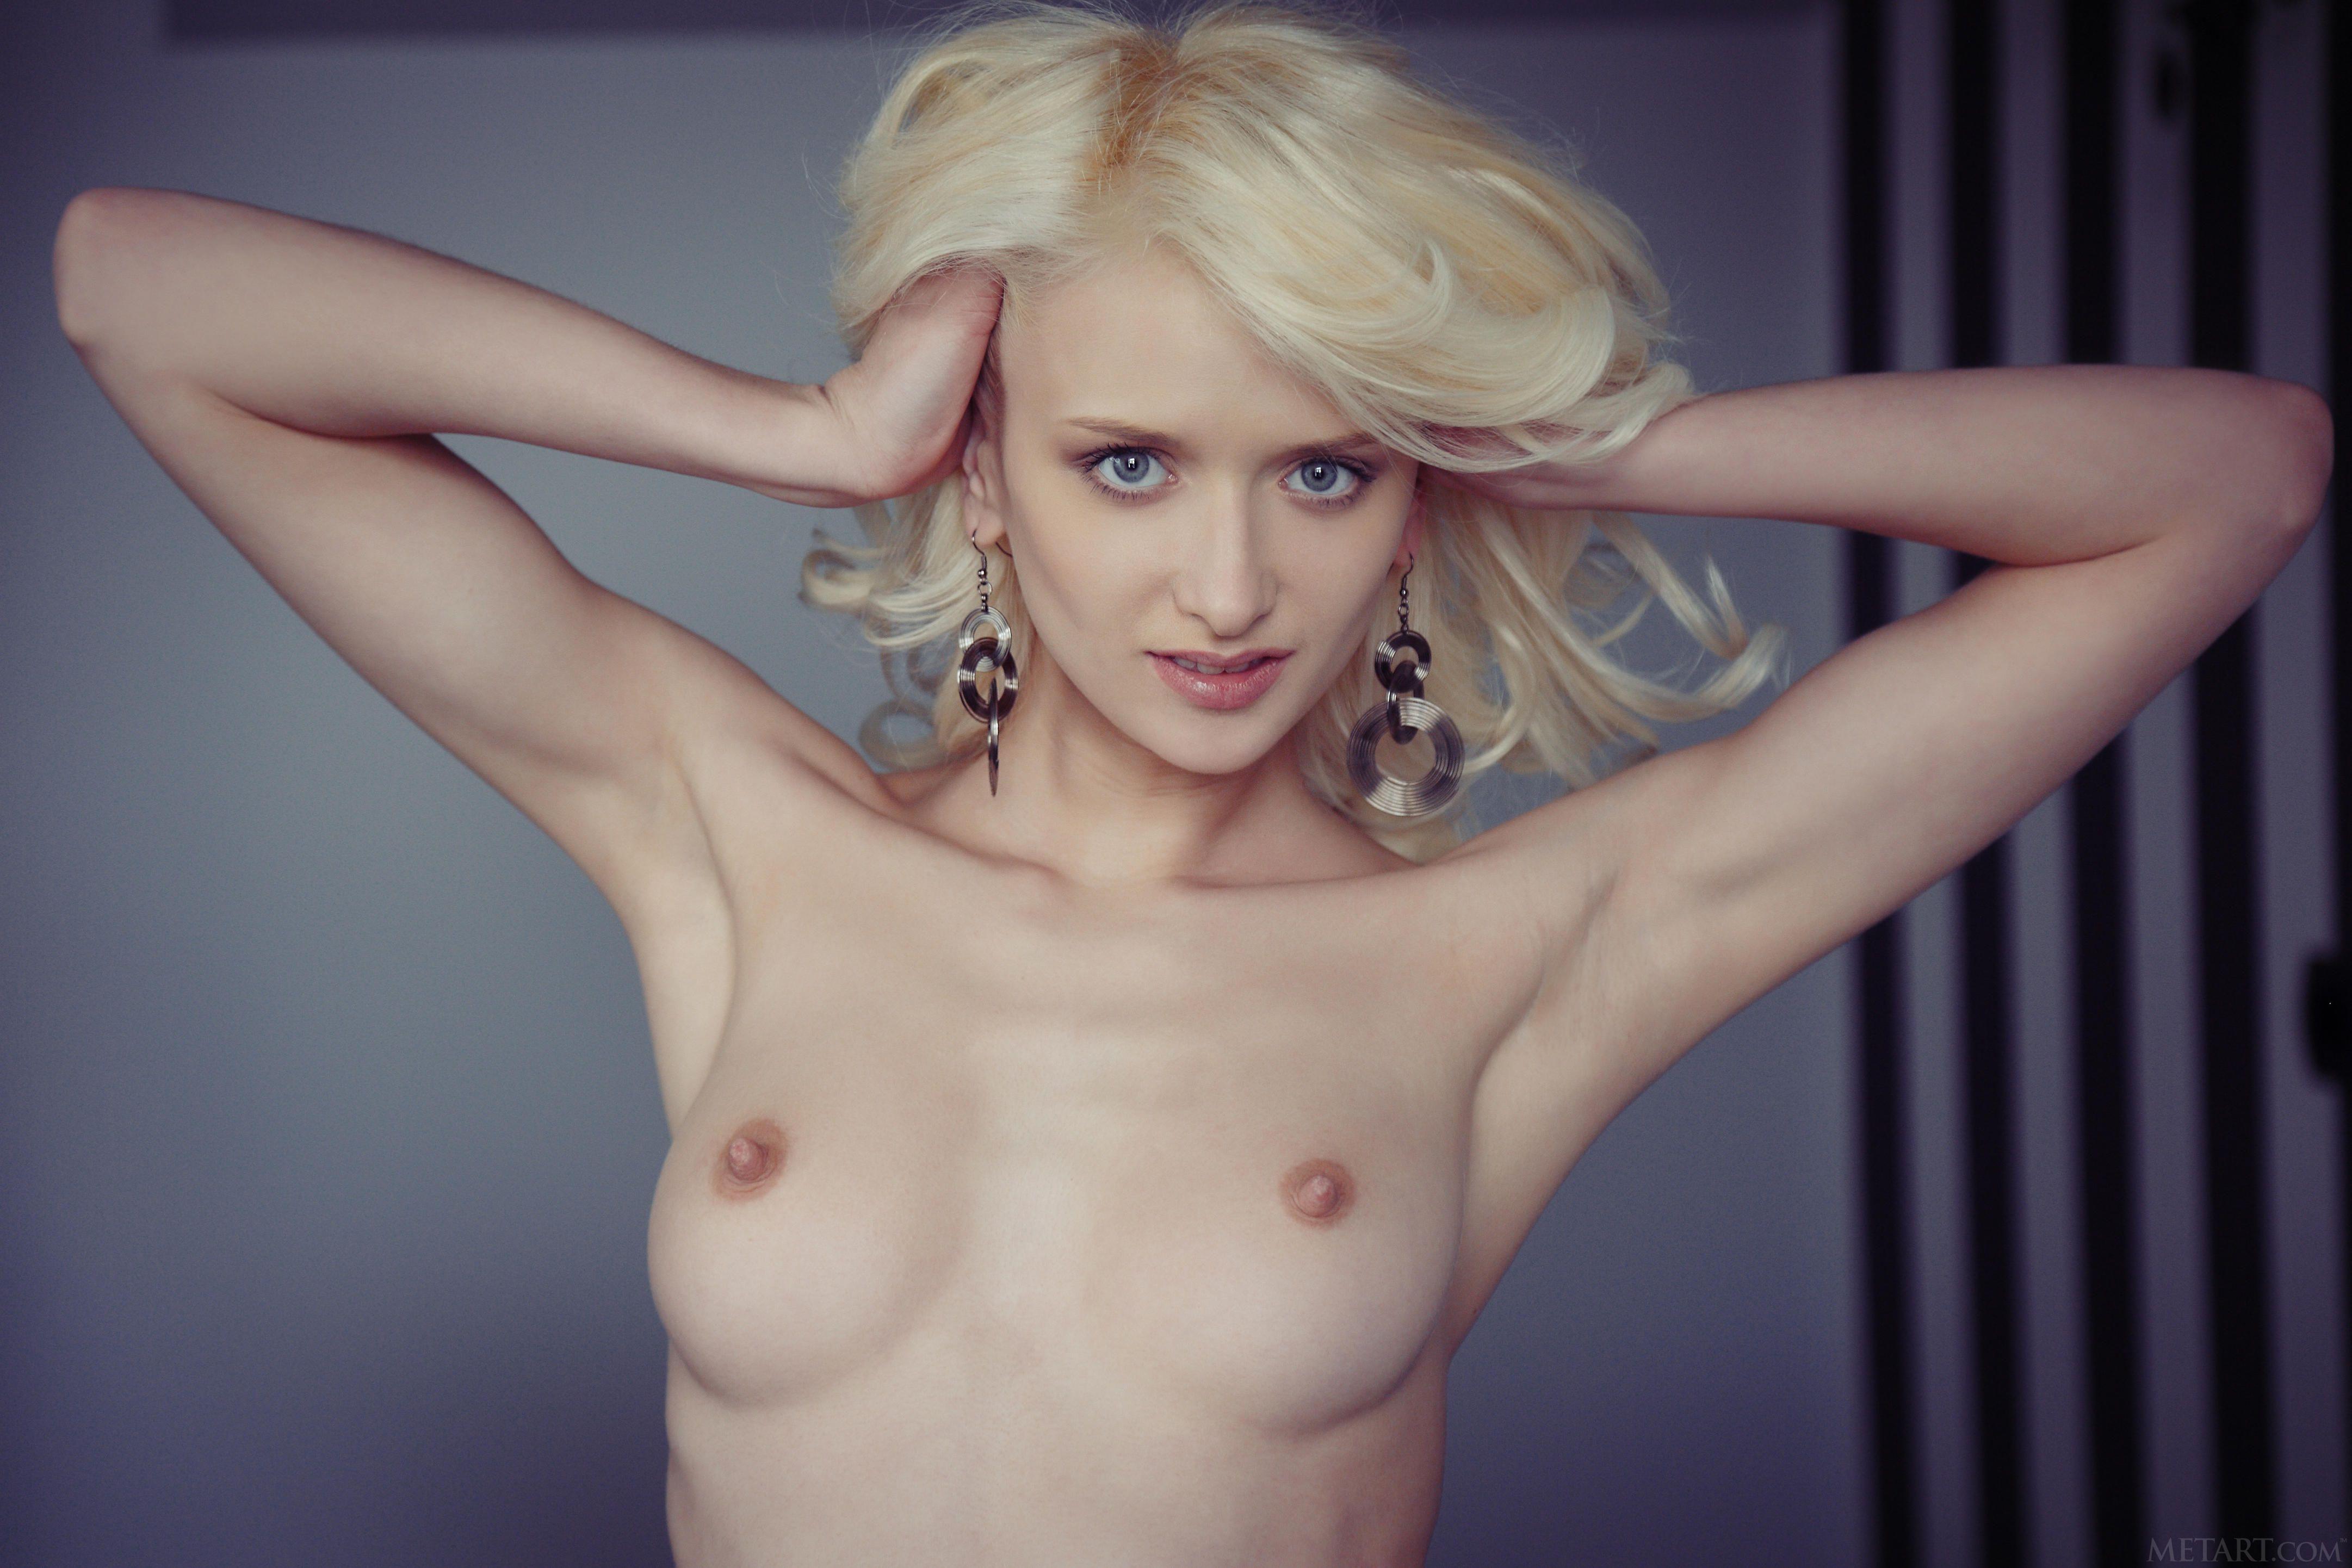 http://i3.imageban.ru/out/2013/05/22/ff9fc75592e17513e71a97765dd20e43.jpg